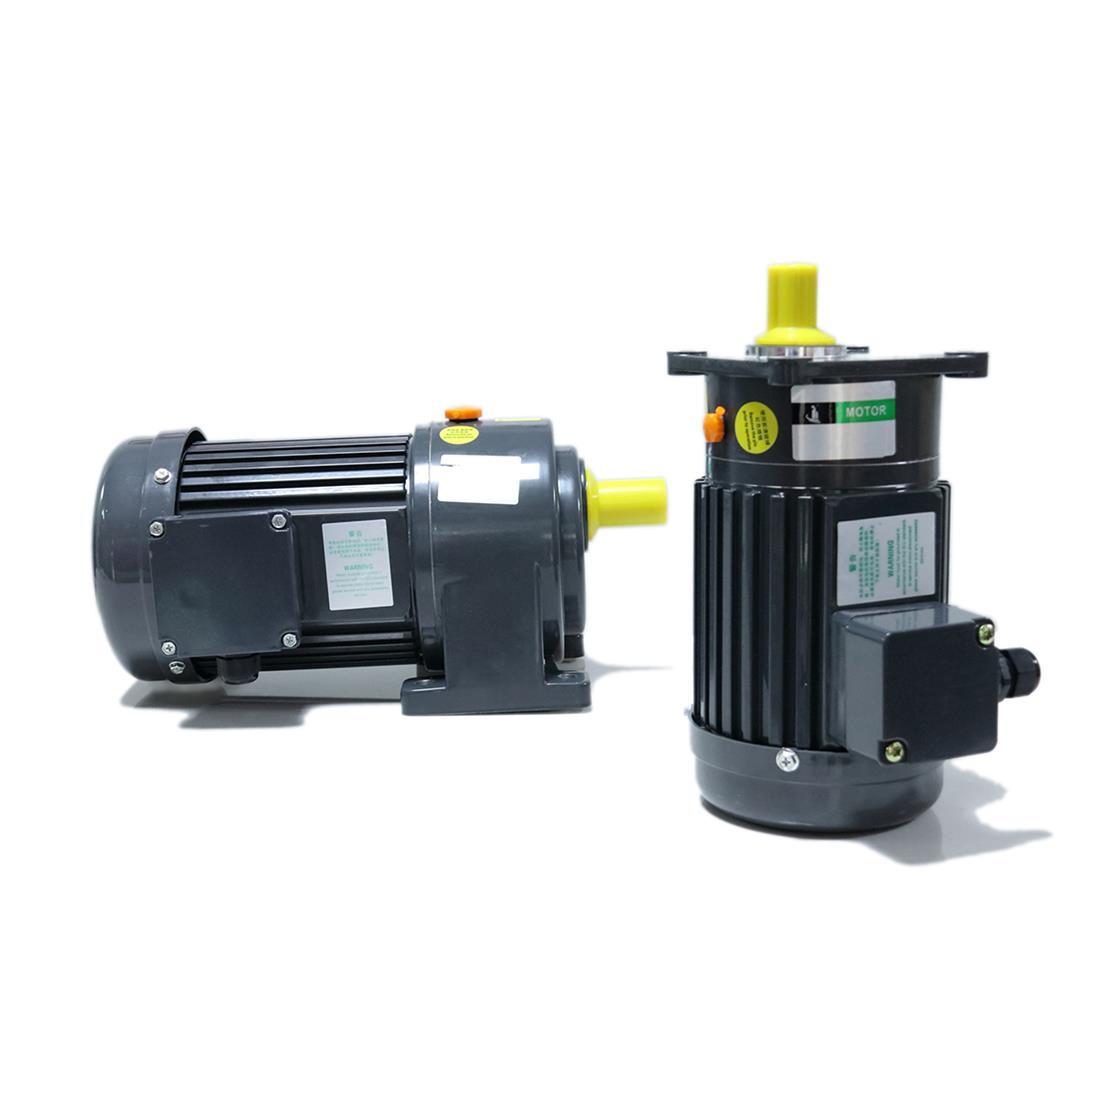 浅谈无刷减速电机的冷却介质和冷却方法